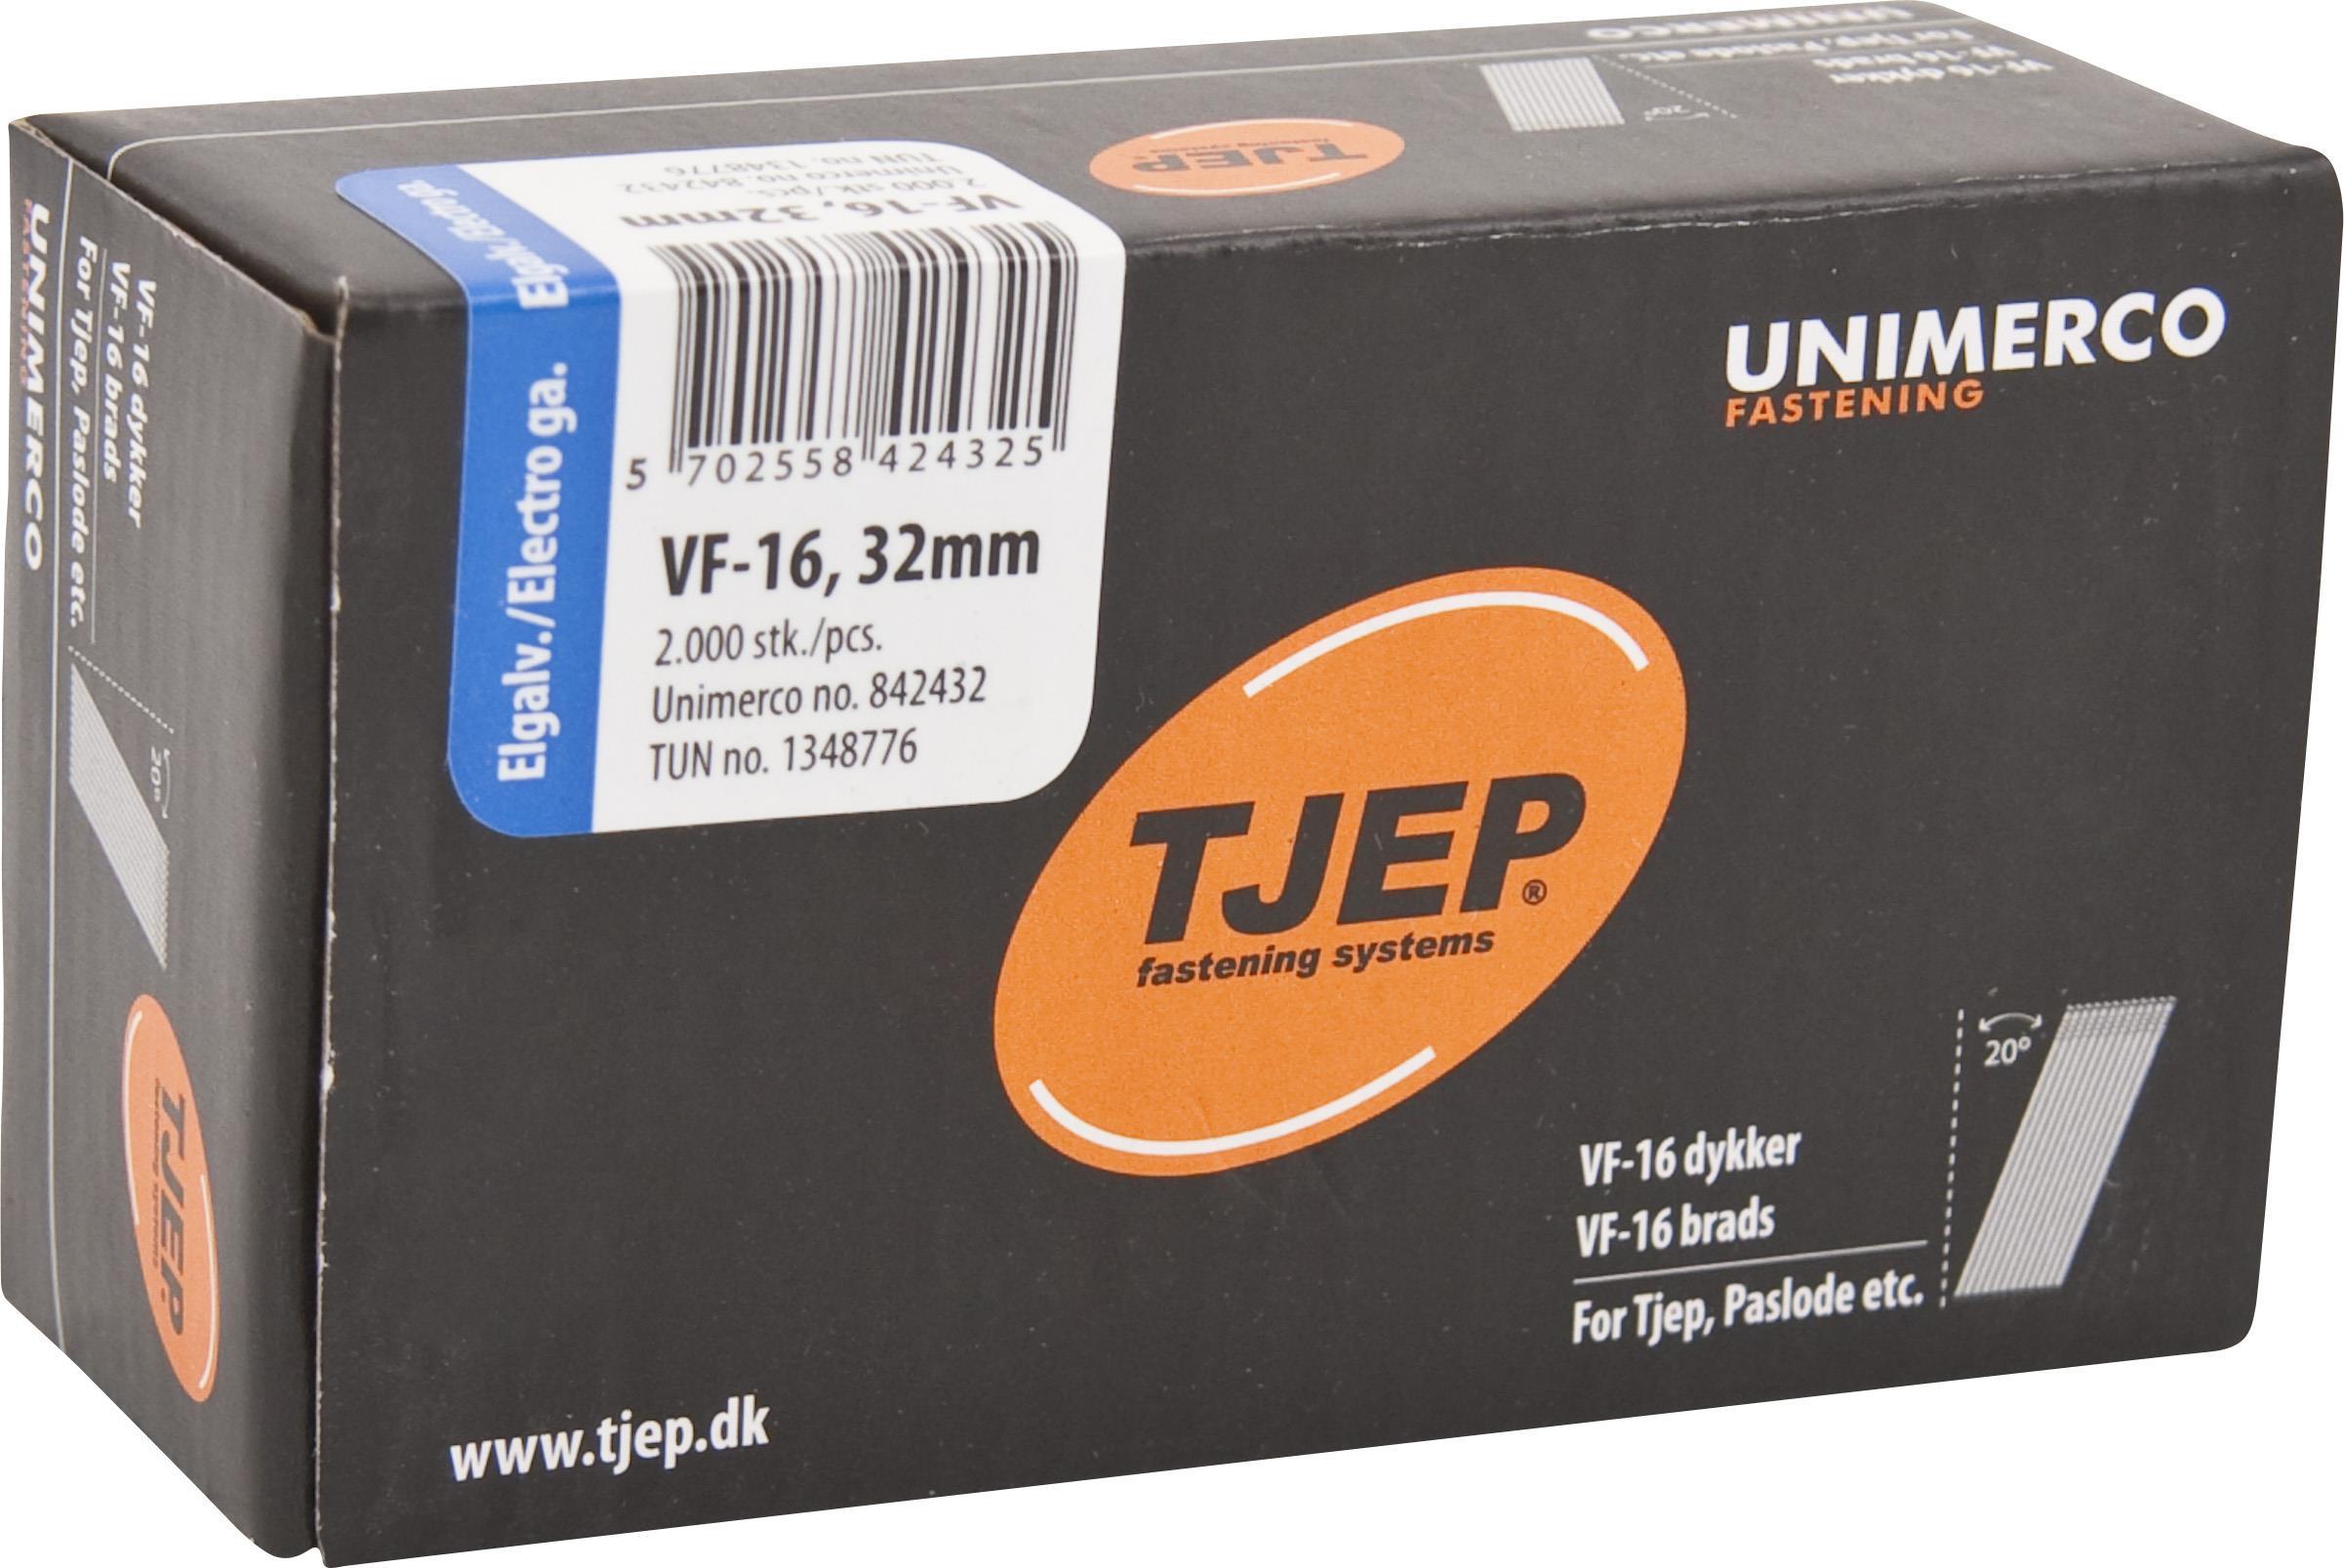 TJEP 842451 Dyckert VF16 FZB 20° 2000-pack 15 x 51 mm